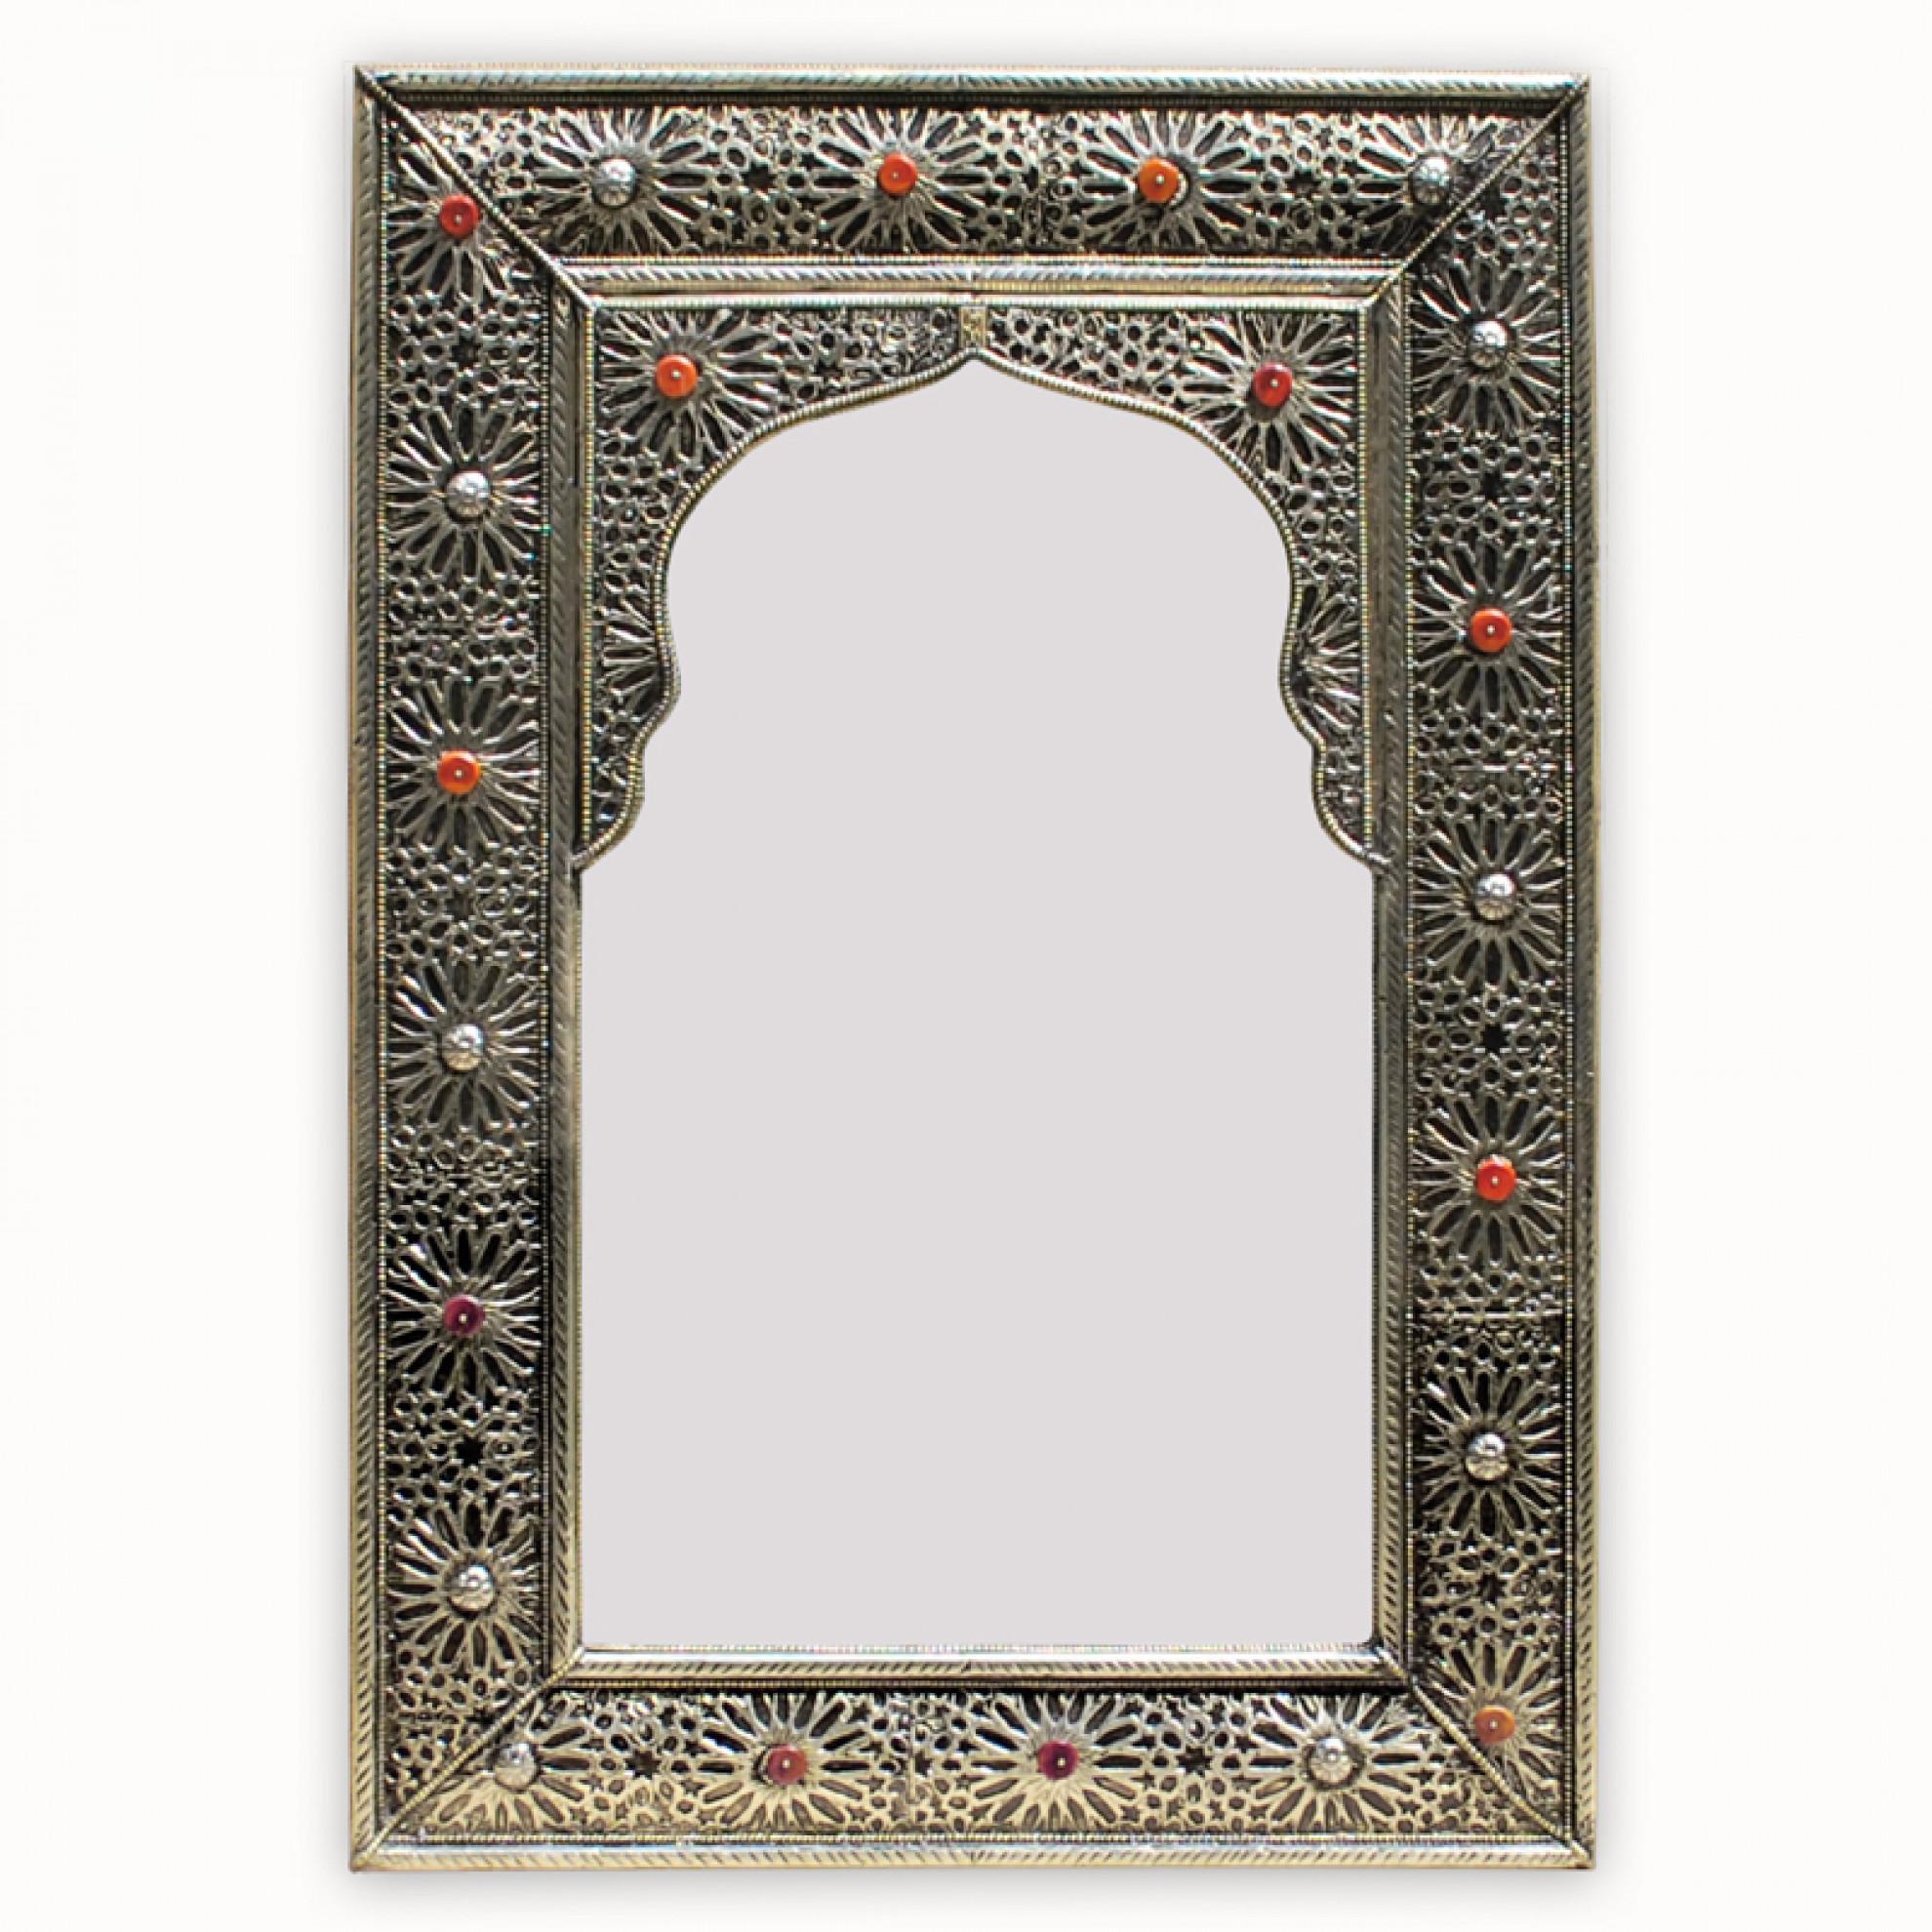 orientalischer spiegel marrakech h100cm. Black Bedroom Furniture Sets. Home Design Ideas